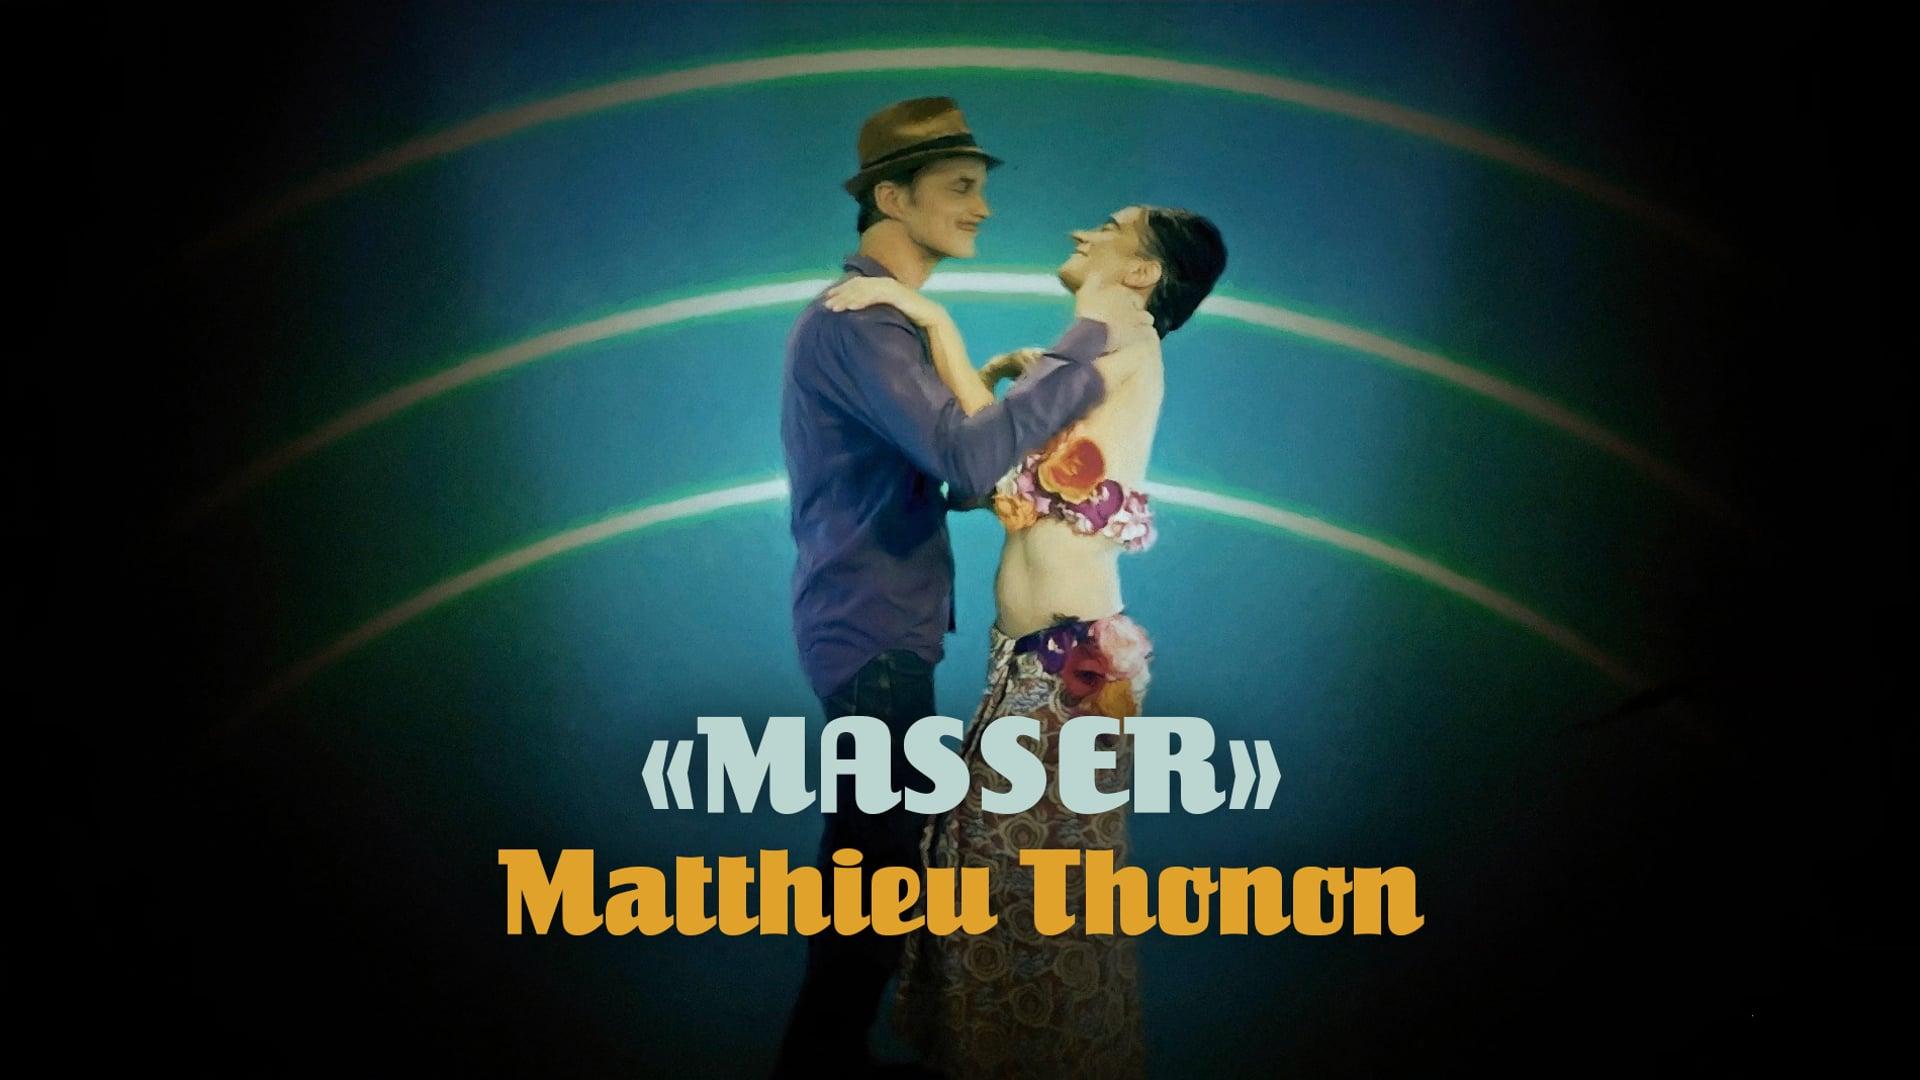 """MATTHIEU THONON — """"MASSER"""" [4k]"""